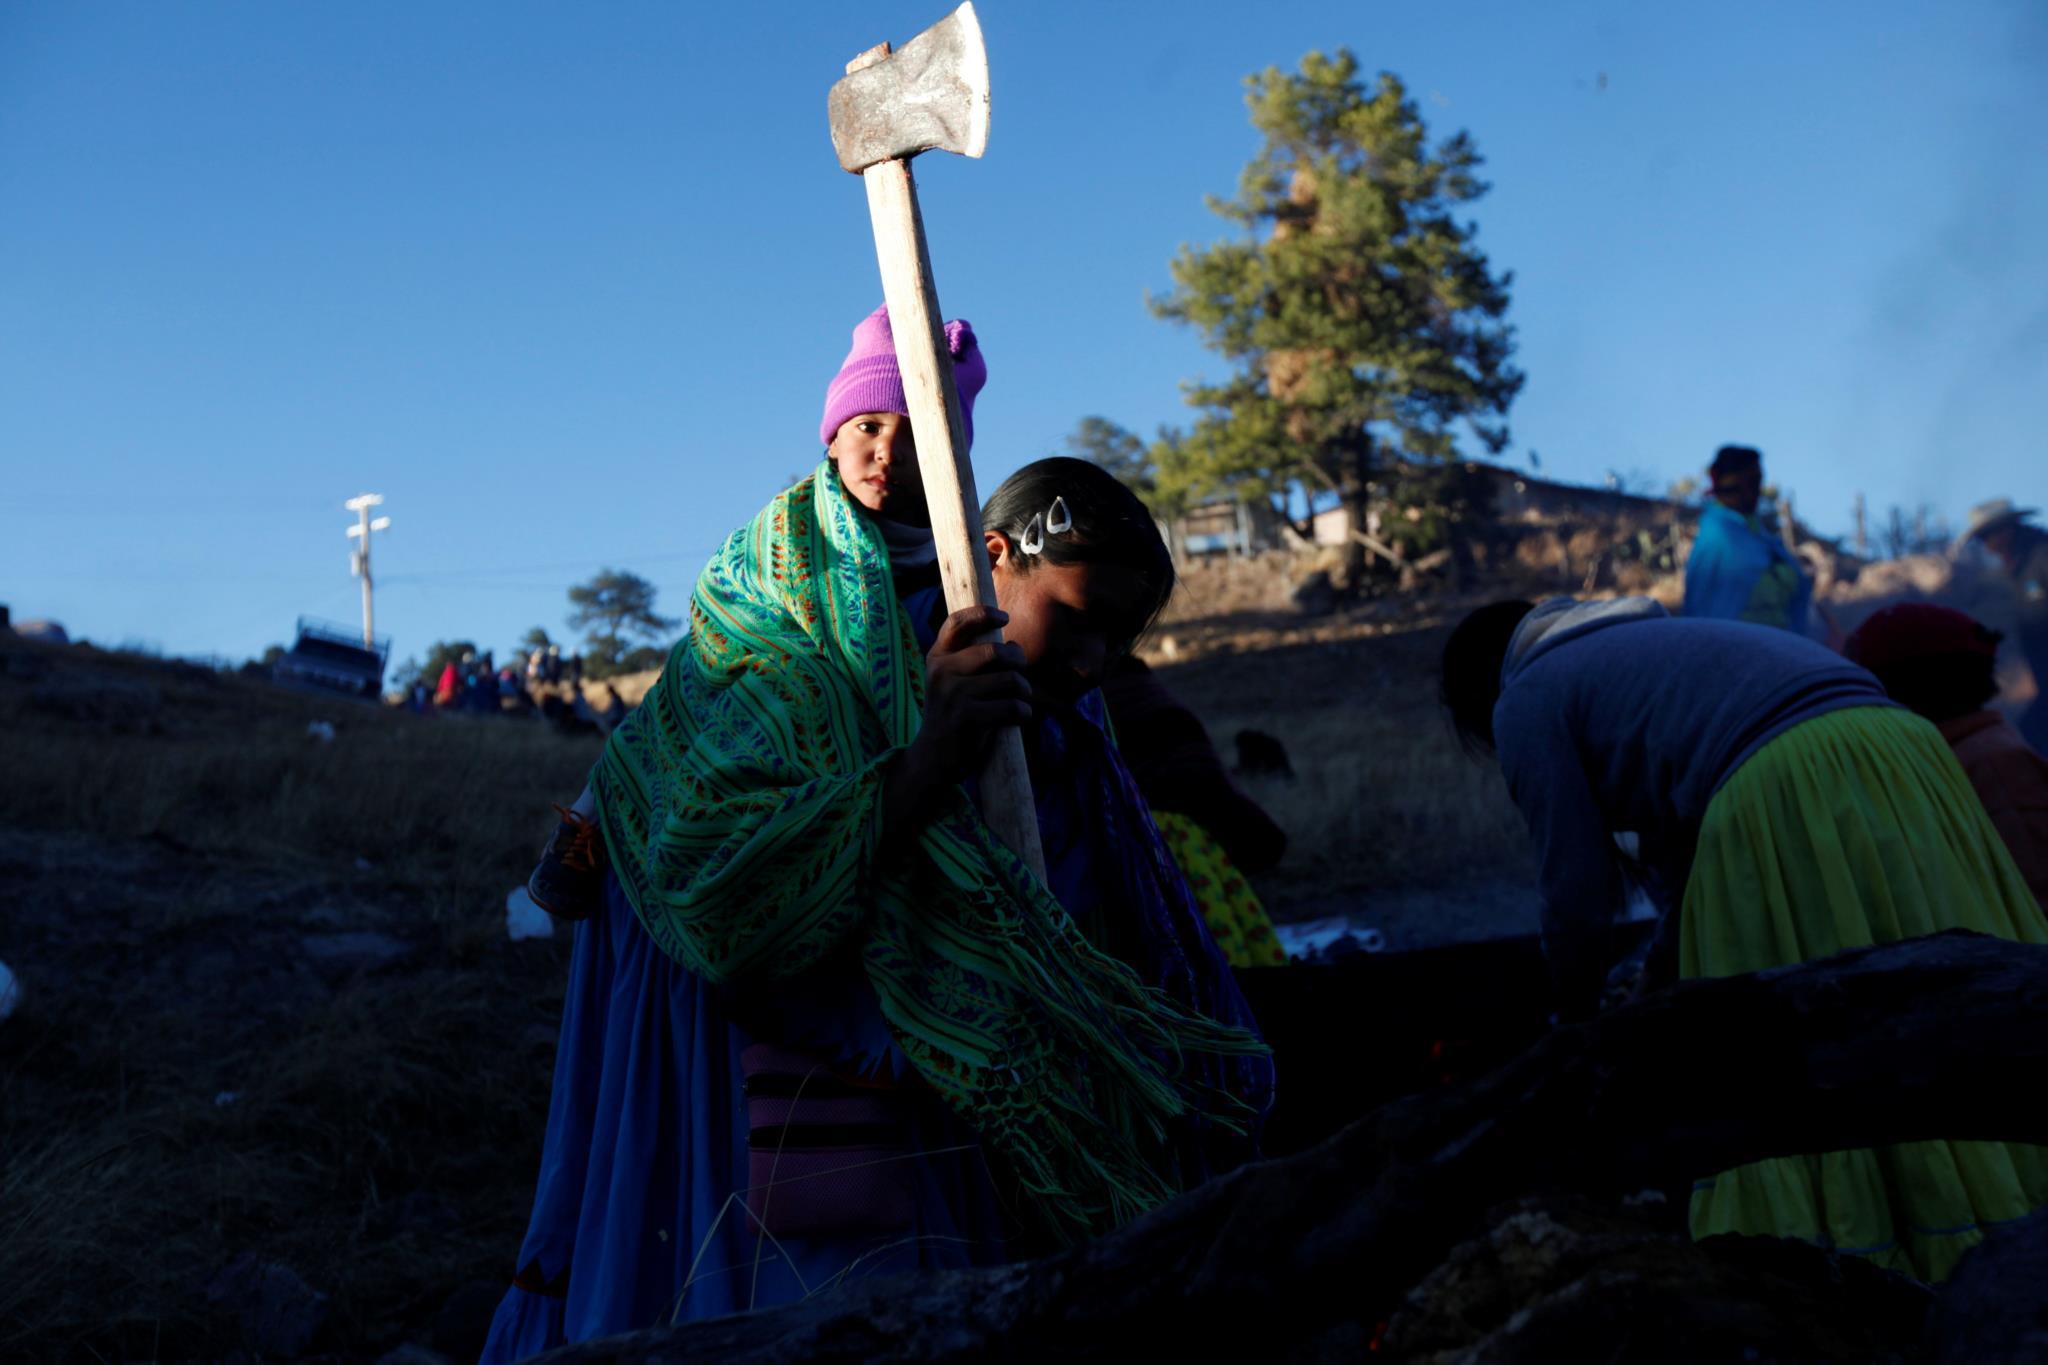 Na aldeia de Caborachi, México, uma mulher corta lenha para se preparar para o frio